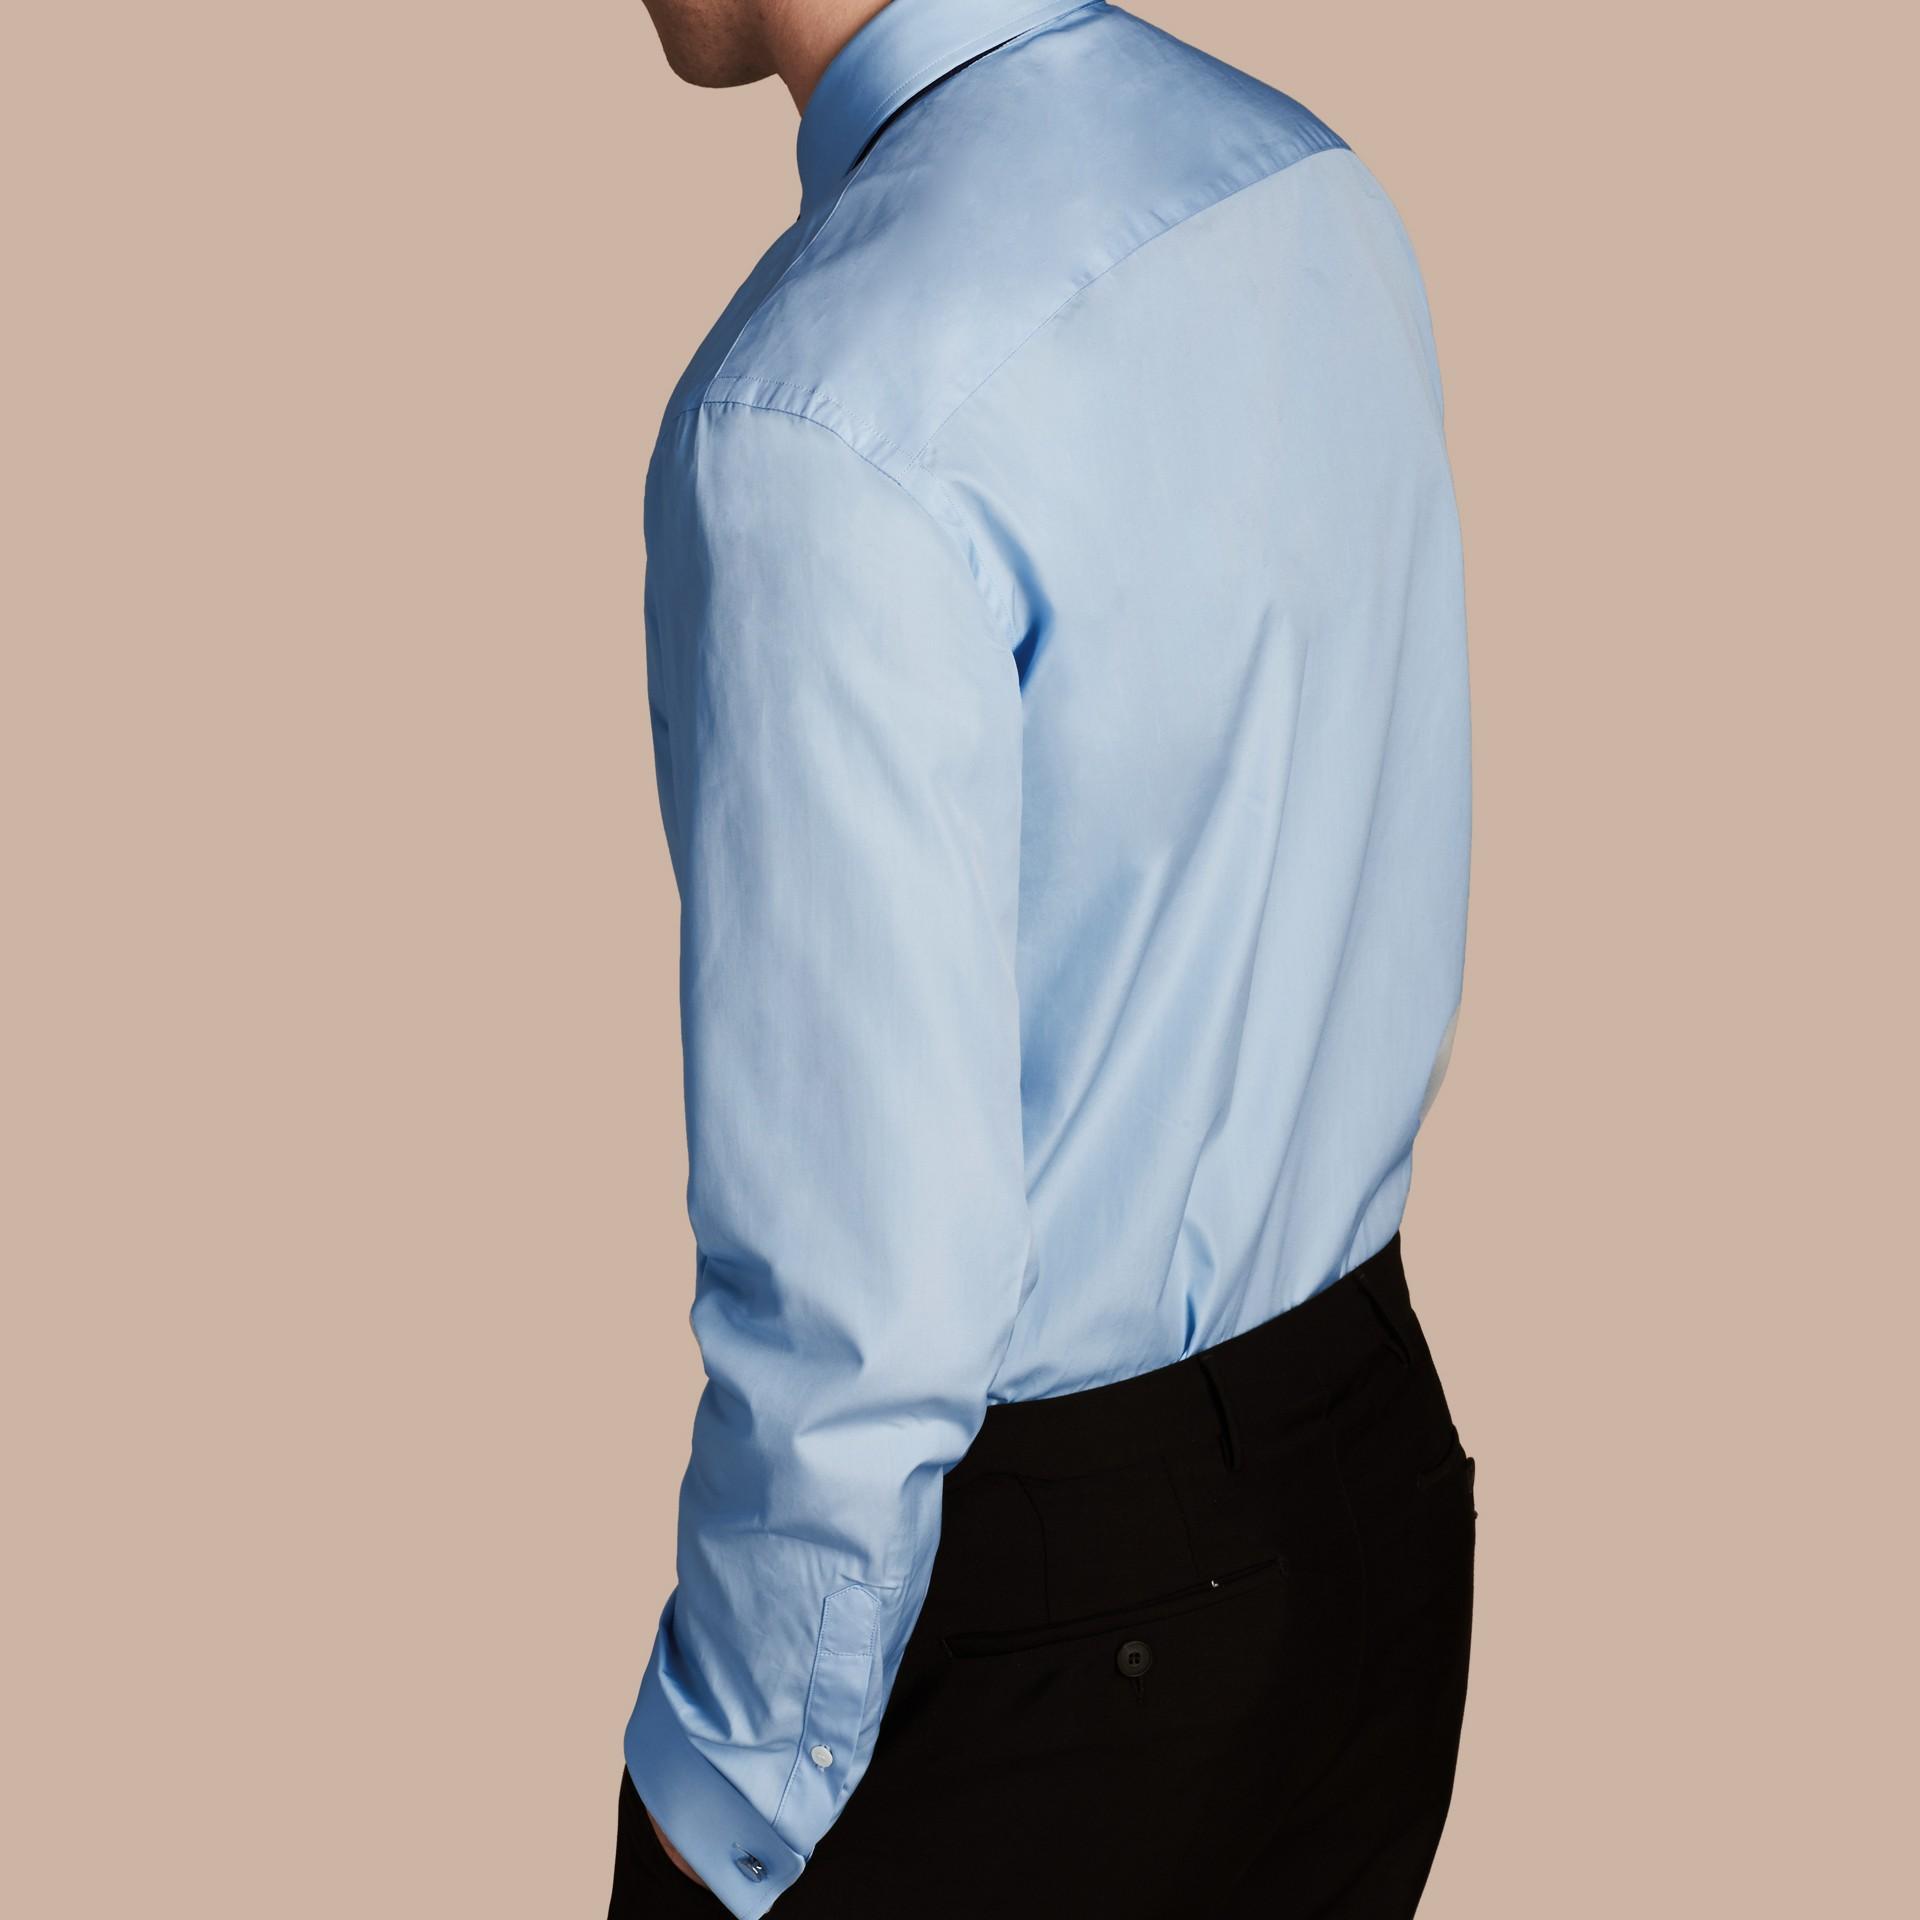 Azul urbano Camisa de popeline de algodão com corte moderno e punhos duplos Azul Urbano - galeria de imagens 3